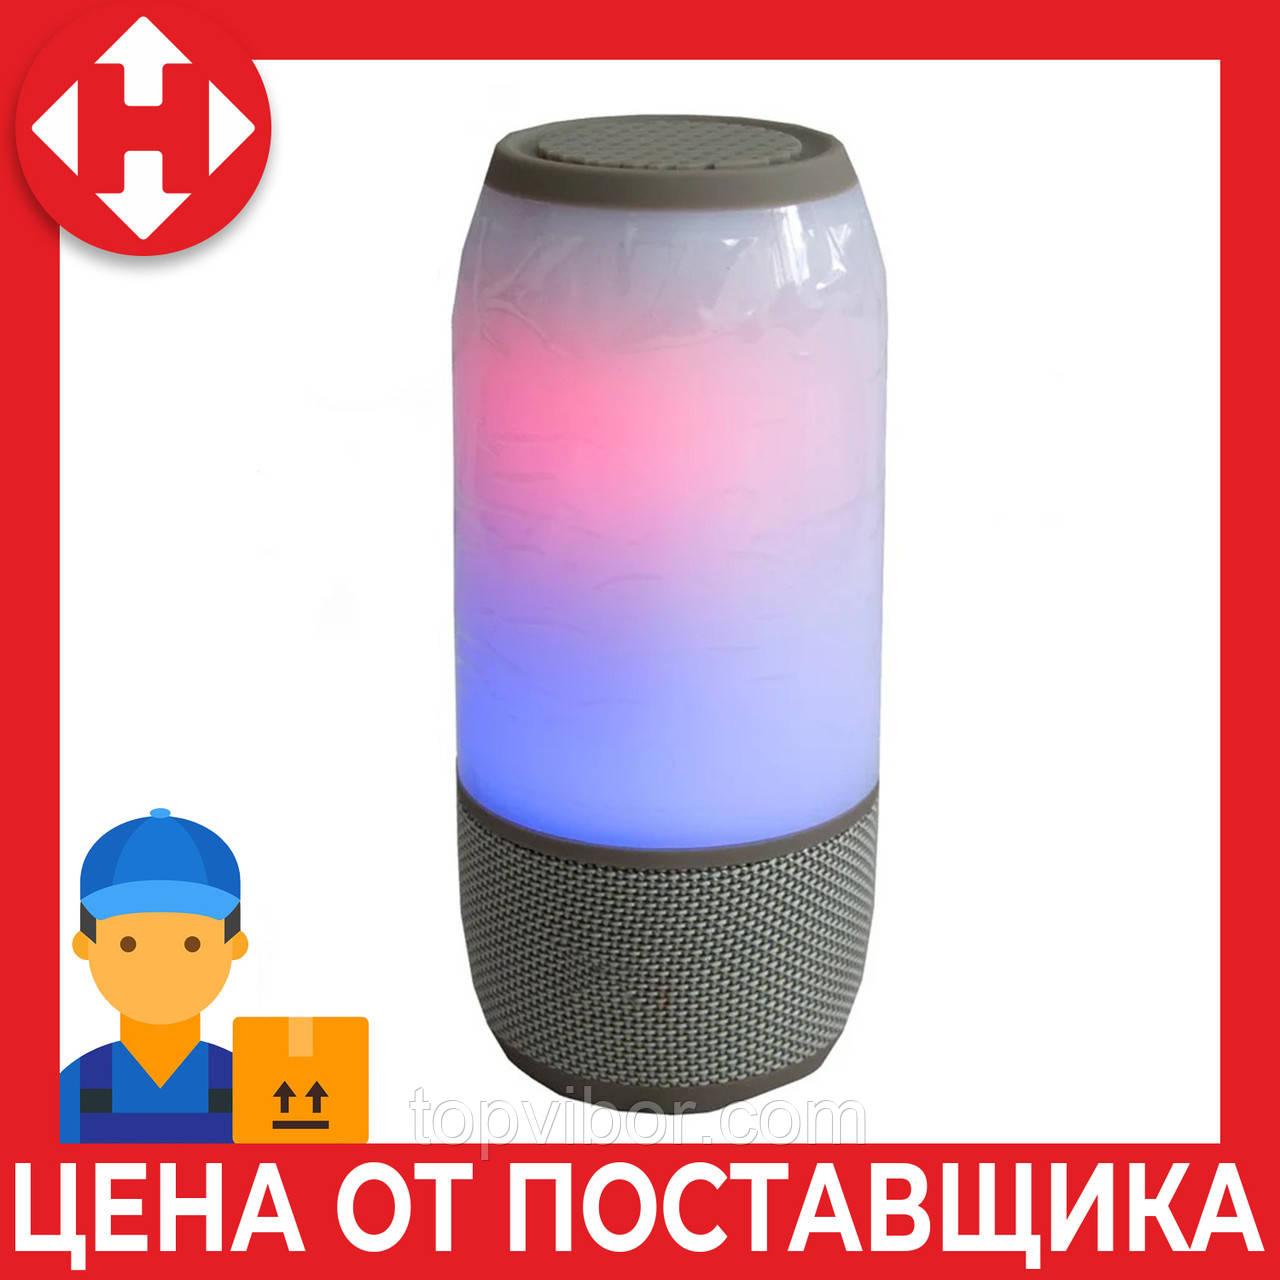 Светящаяся беспроводная светящаяся LED колонка 3 серая, переносная колонка до ноутбука c микрофоном